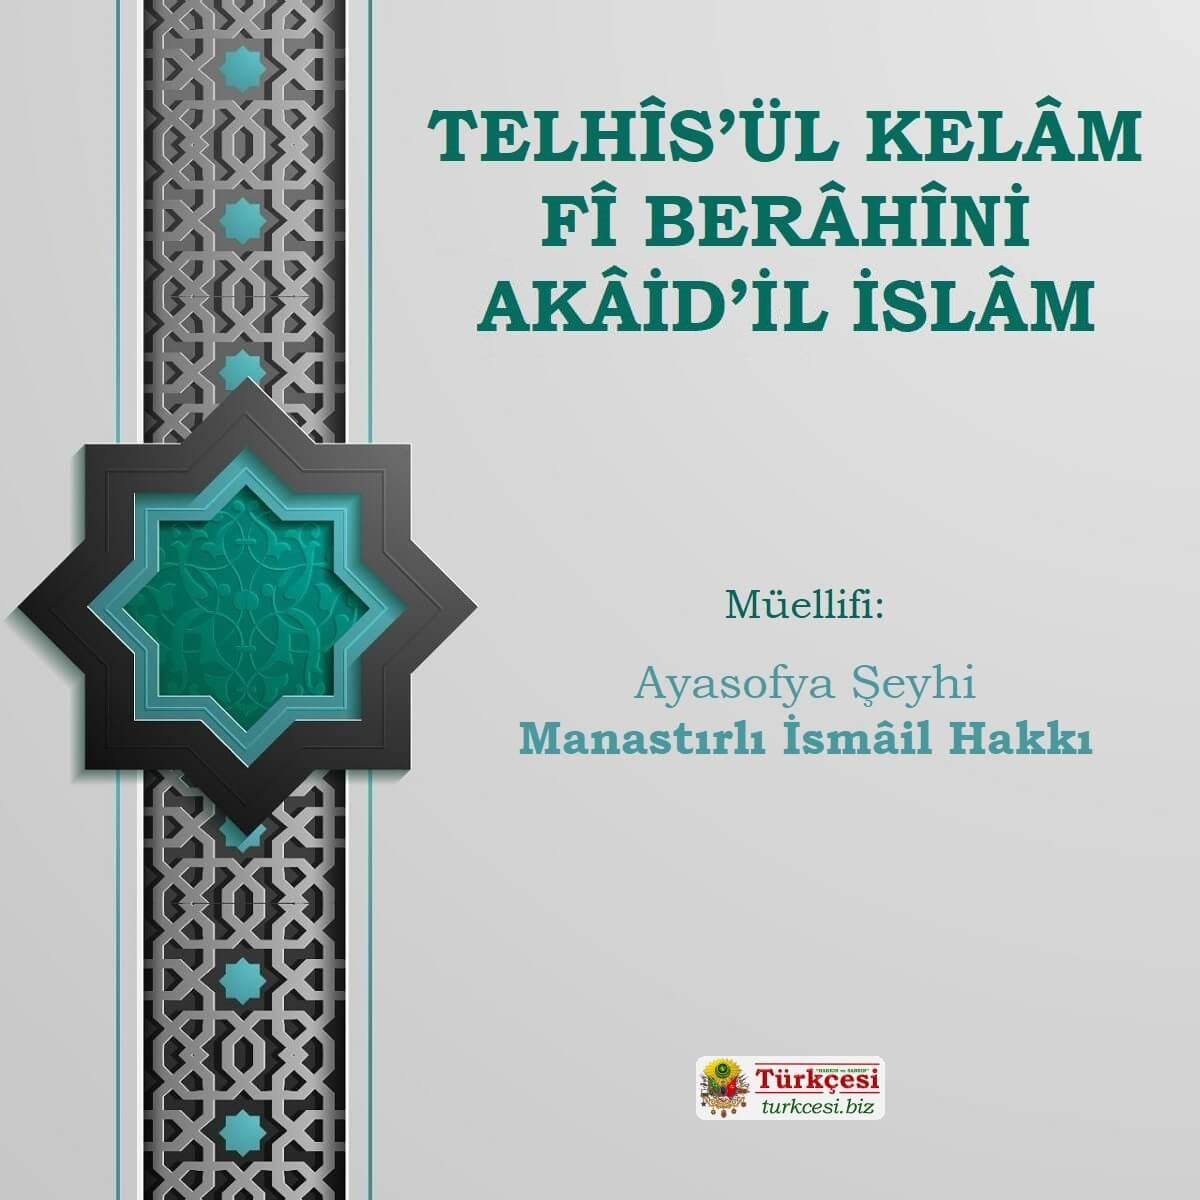 telhisul-kelam-islam-akaidi